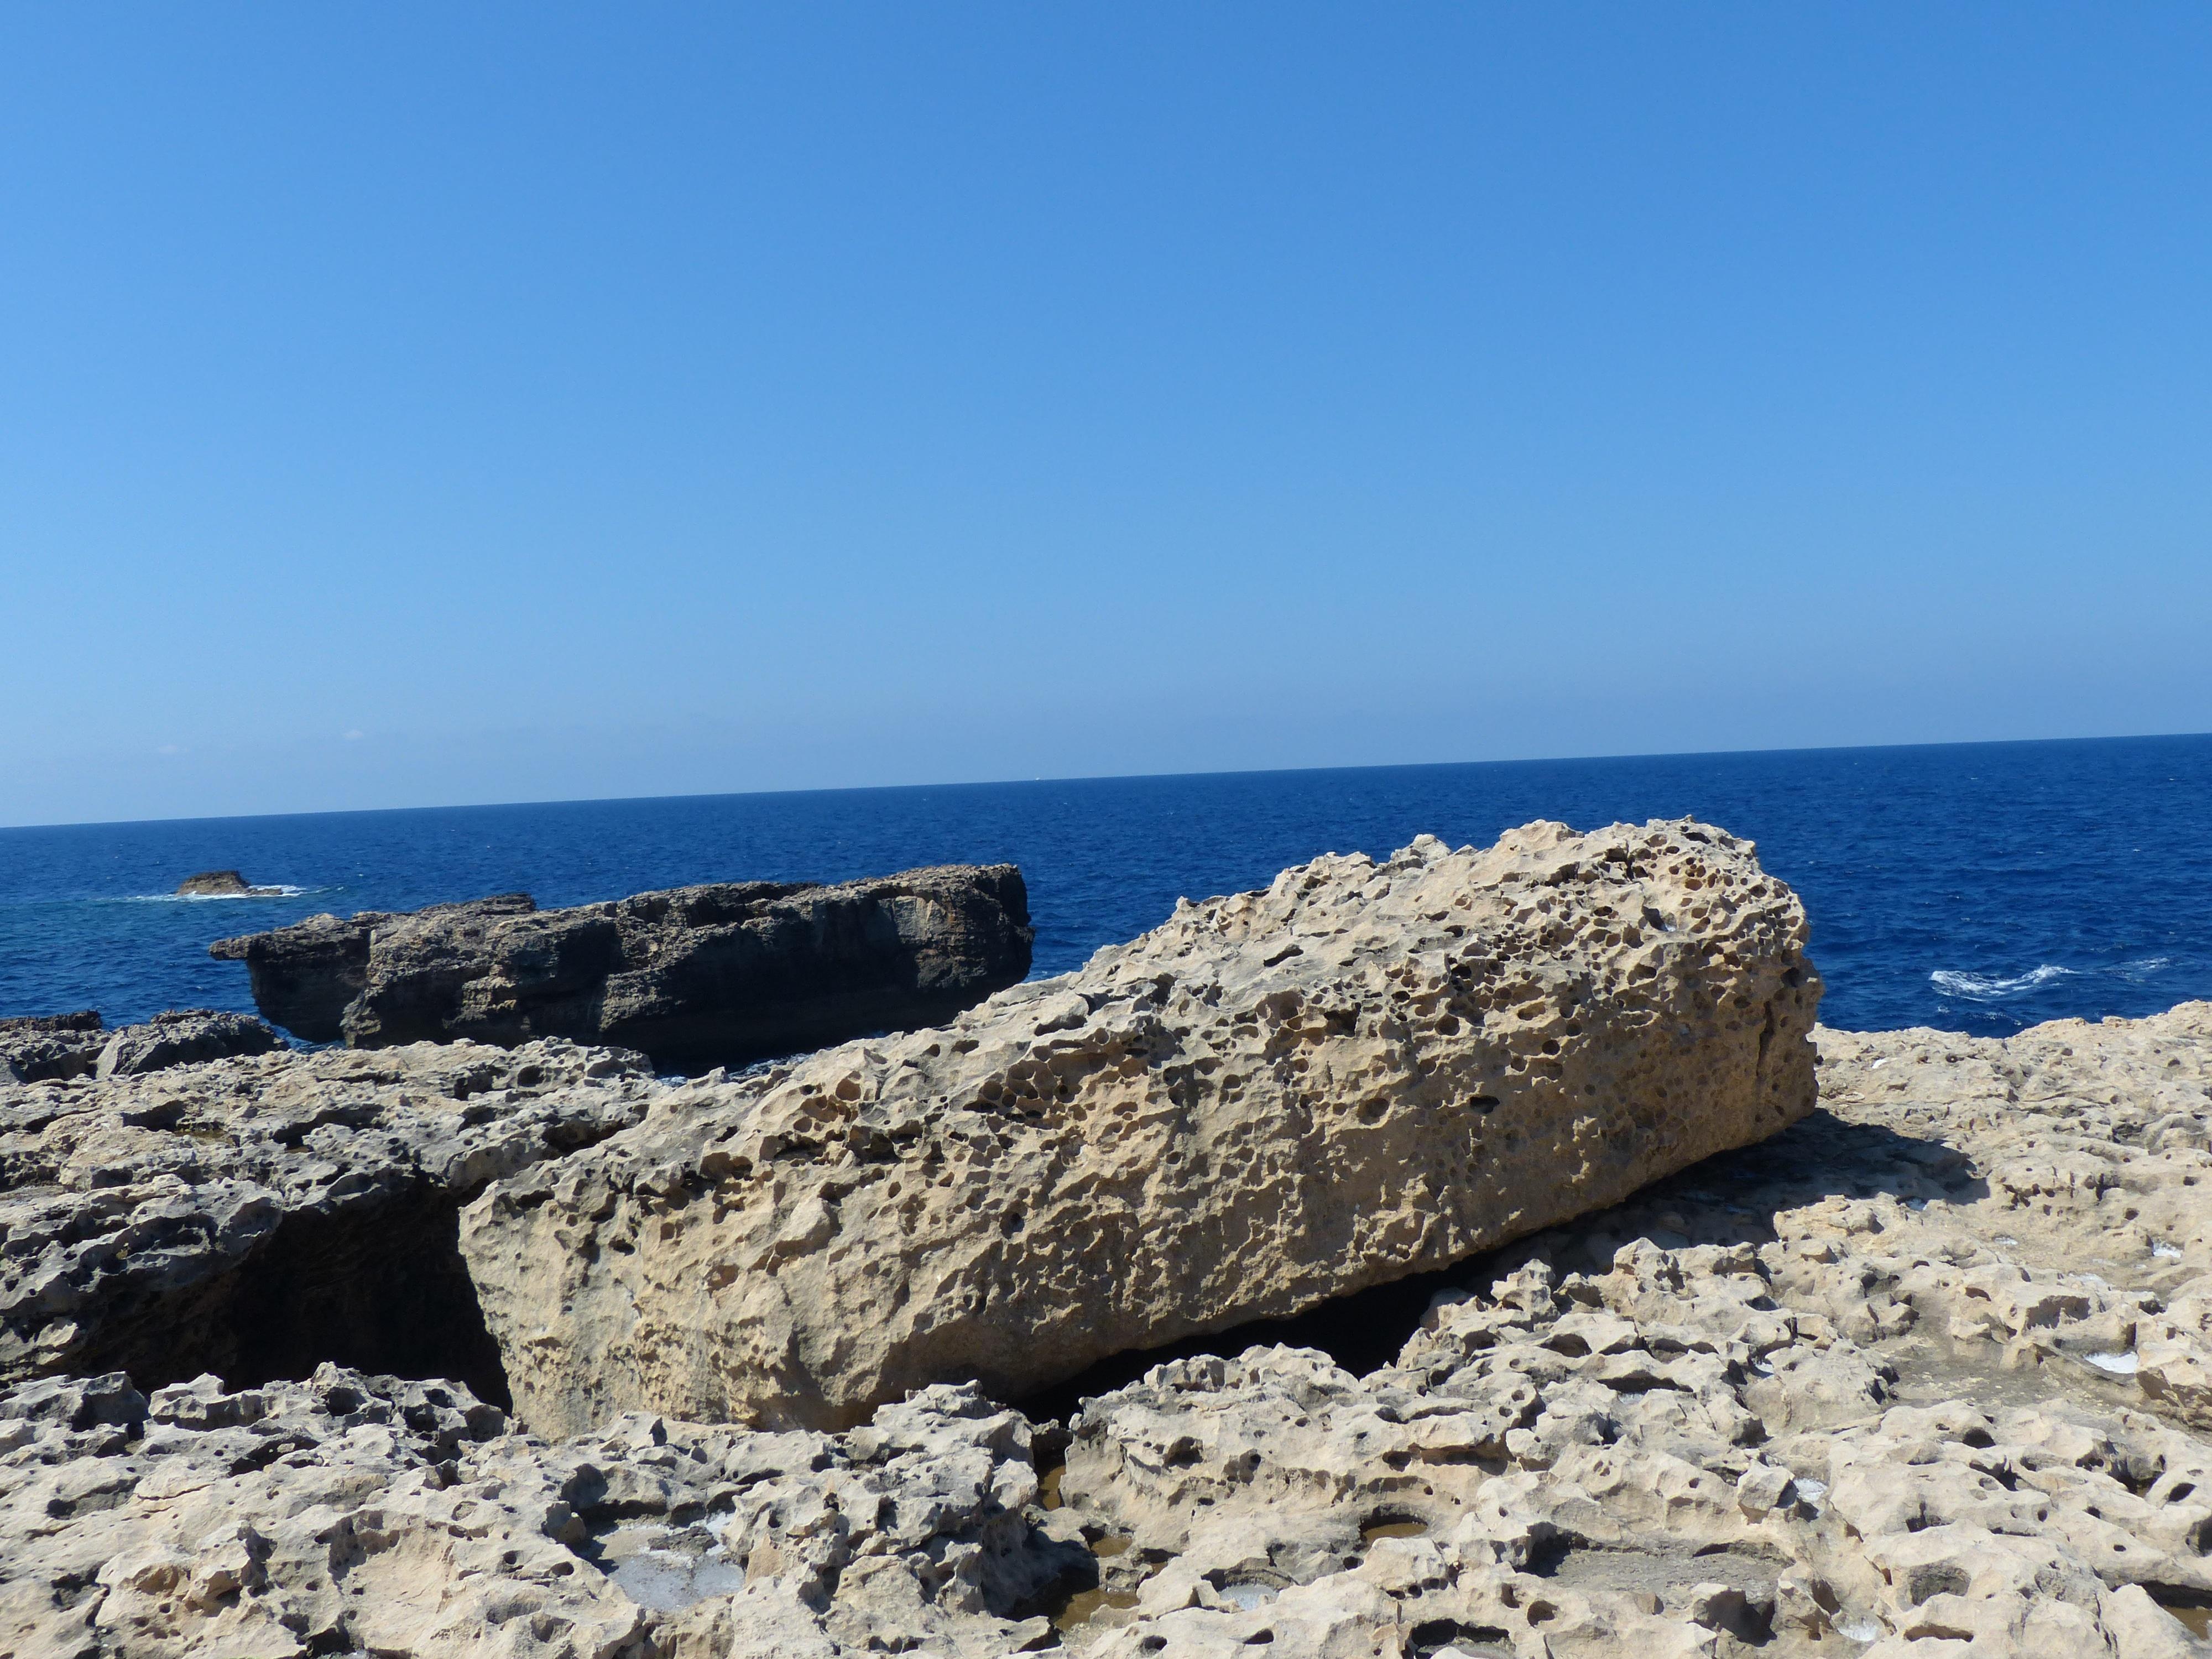 Bildet strand hav kyst stein horisont shore for Malta materiale